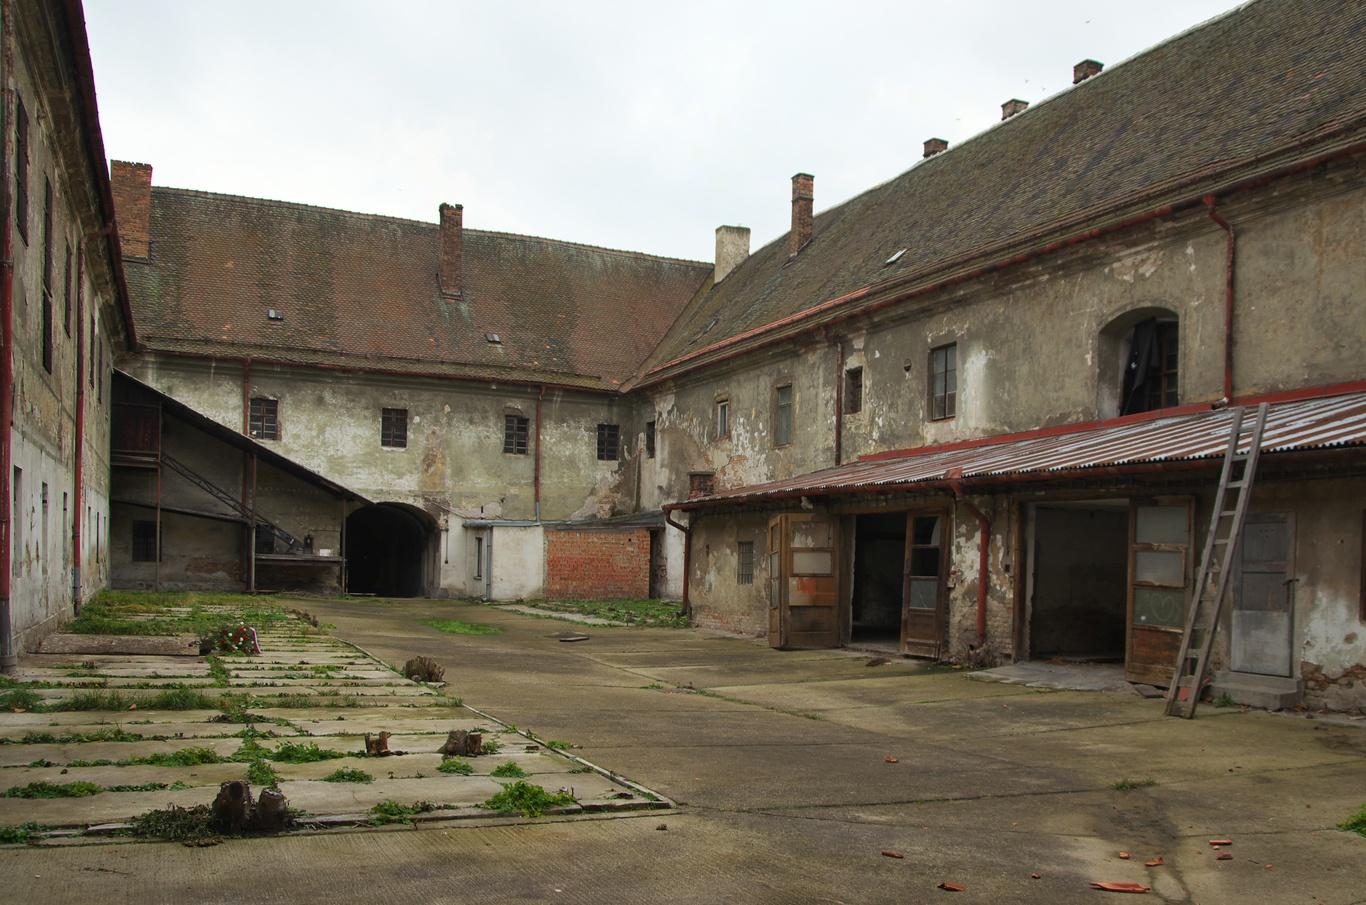 Bývalá brněnská káznice, dvůr č. 1 - ženský - zde probíhaly po roce 1948 popravy.